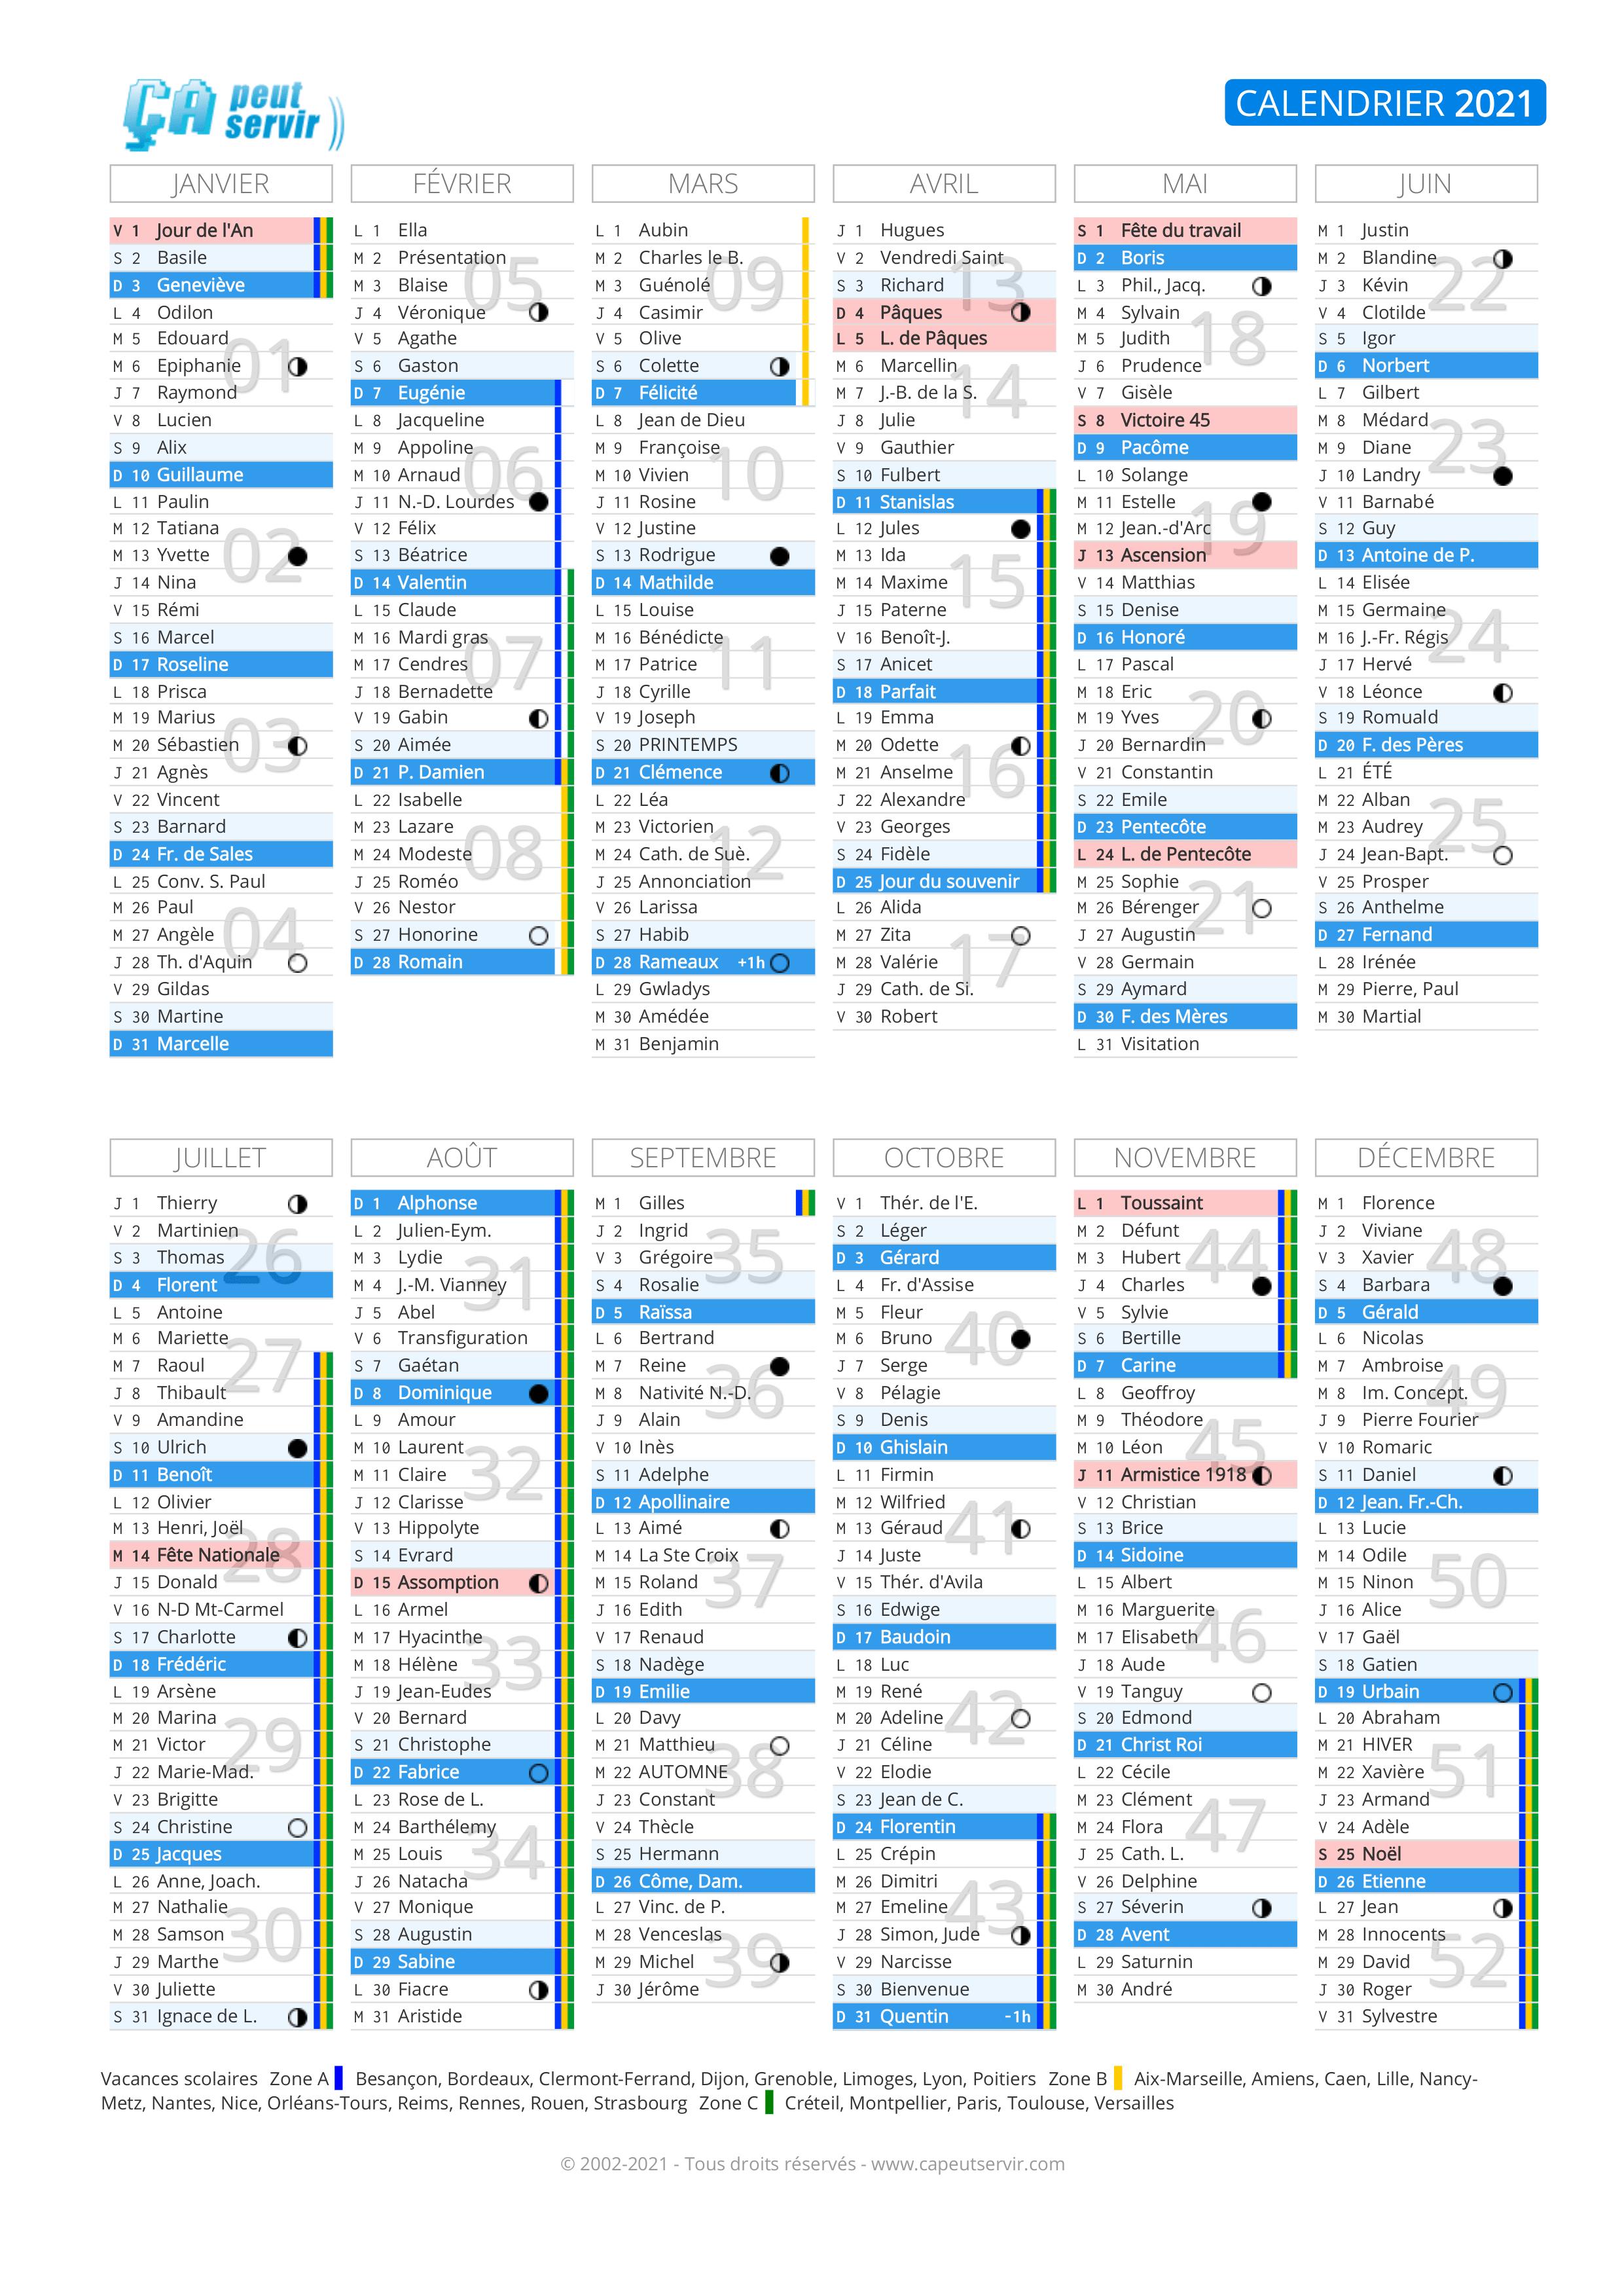 Calendrier 2021 Fériés Calendrier 2021 : Vacances, jours fériés, numéros de semaine